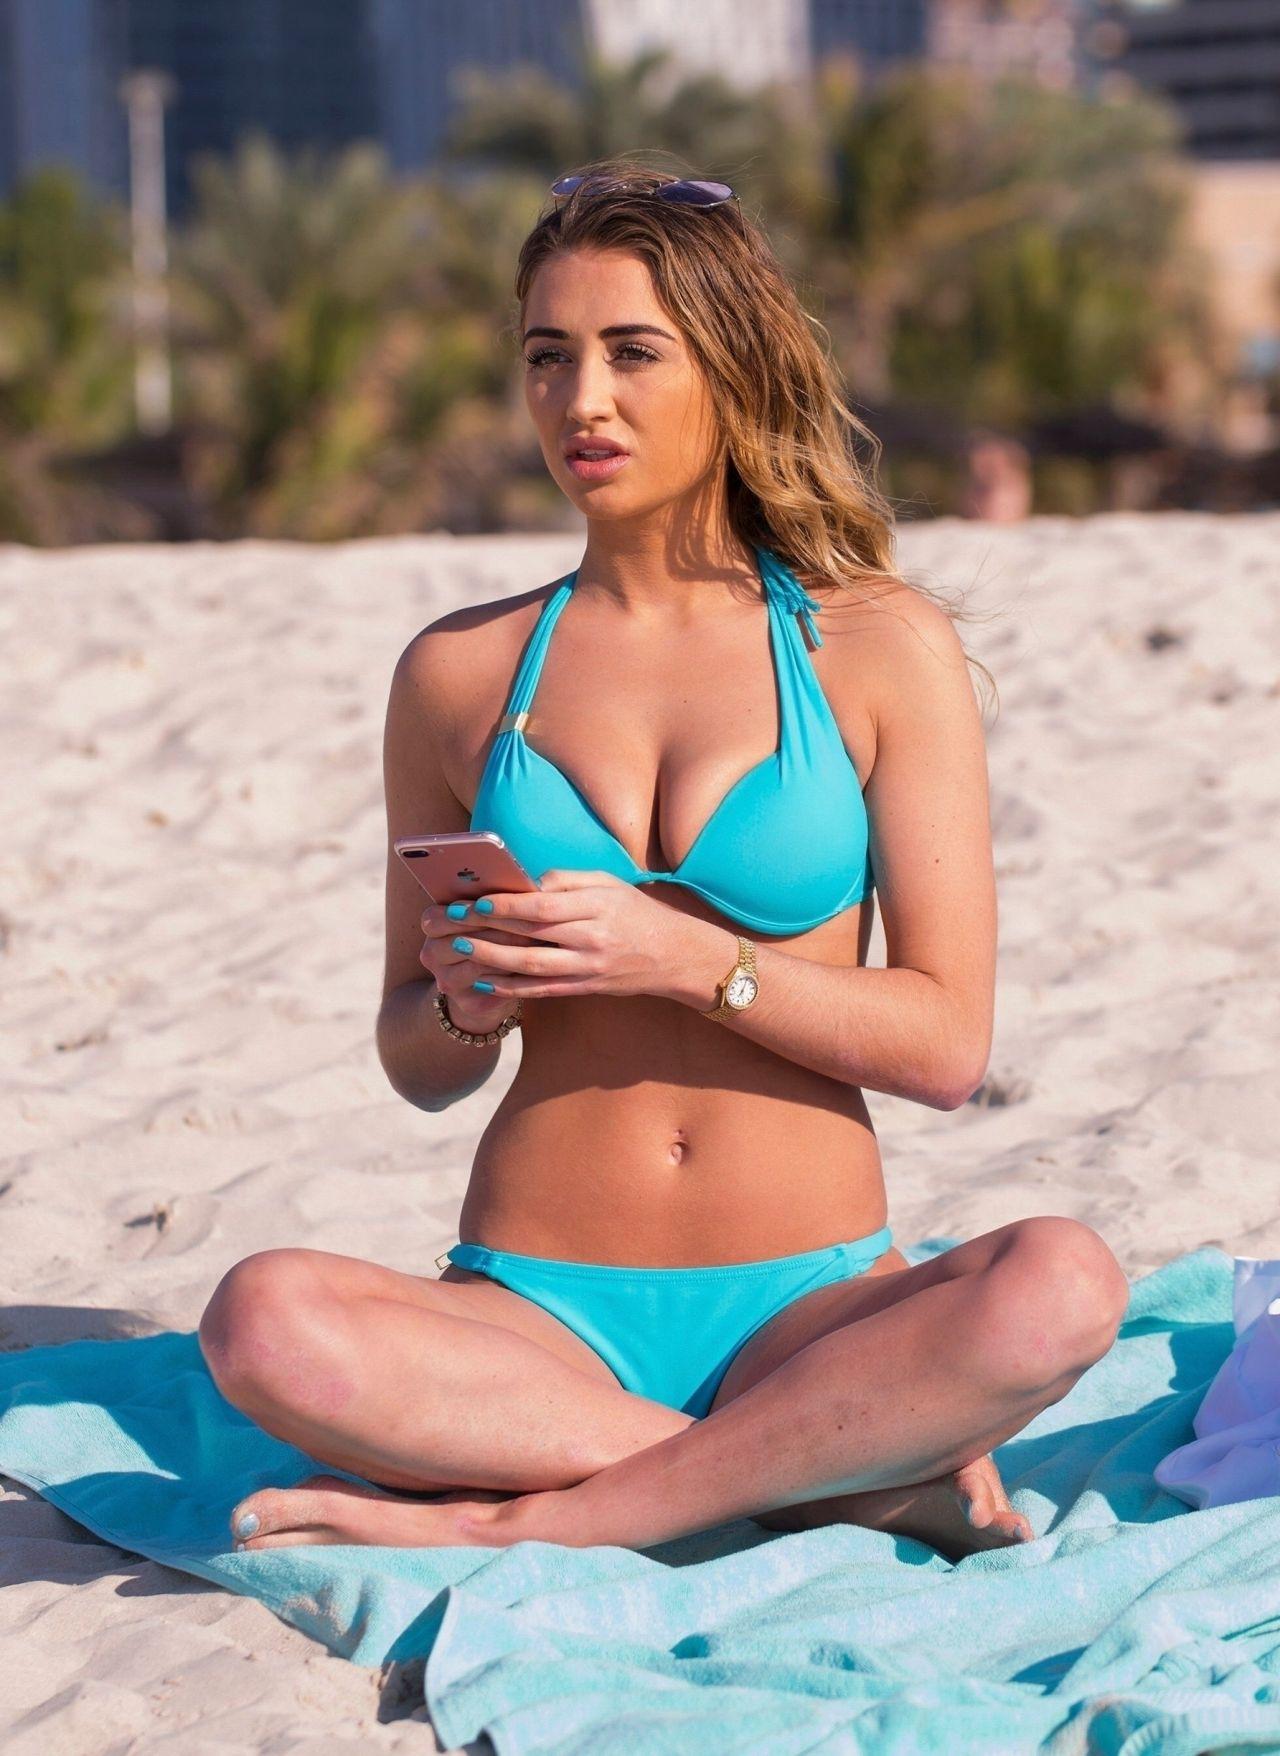 Georgia Harrison in Bikini on the pool in Dubai Pic 3 of 35